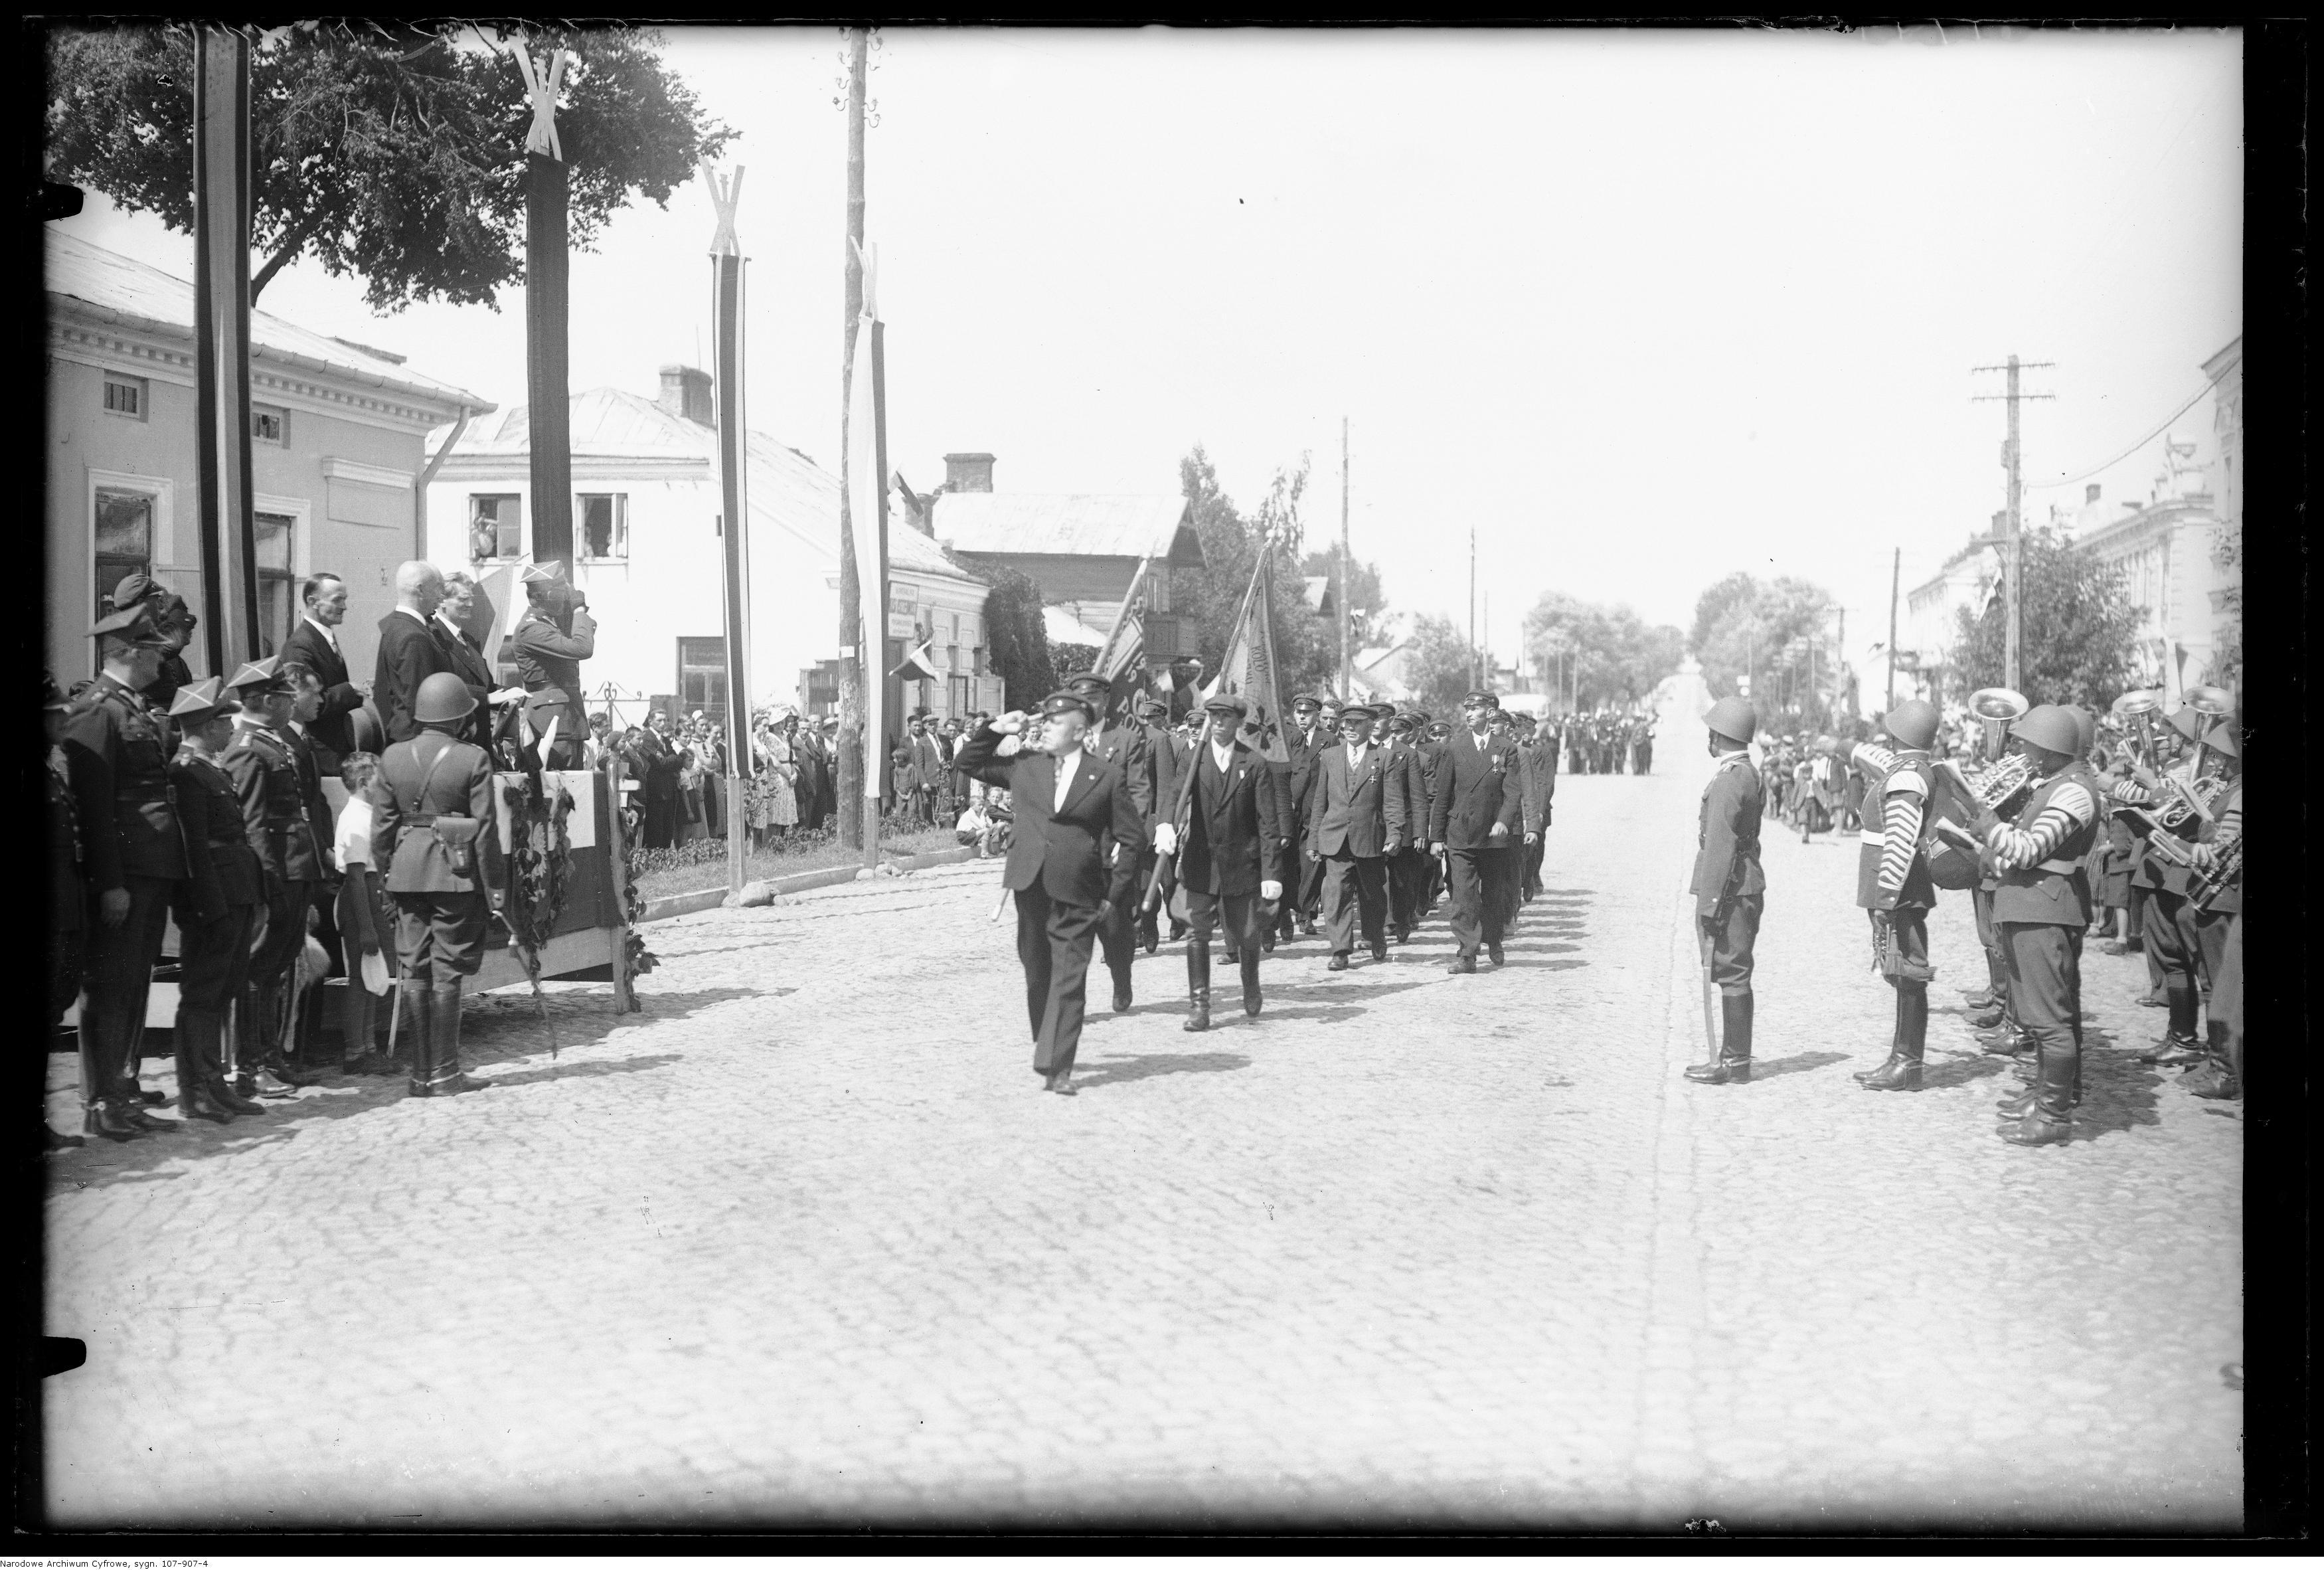 Święto Żołnierza - obchody w Garwolinie - 15 sierpnia 1939